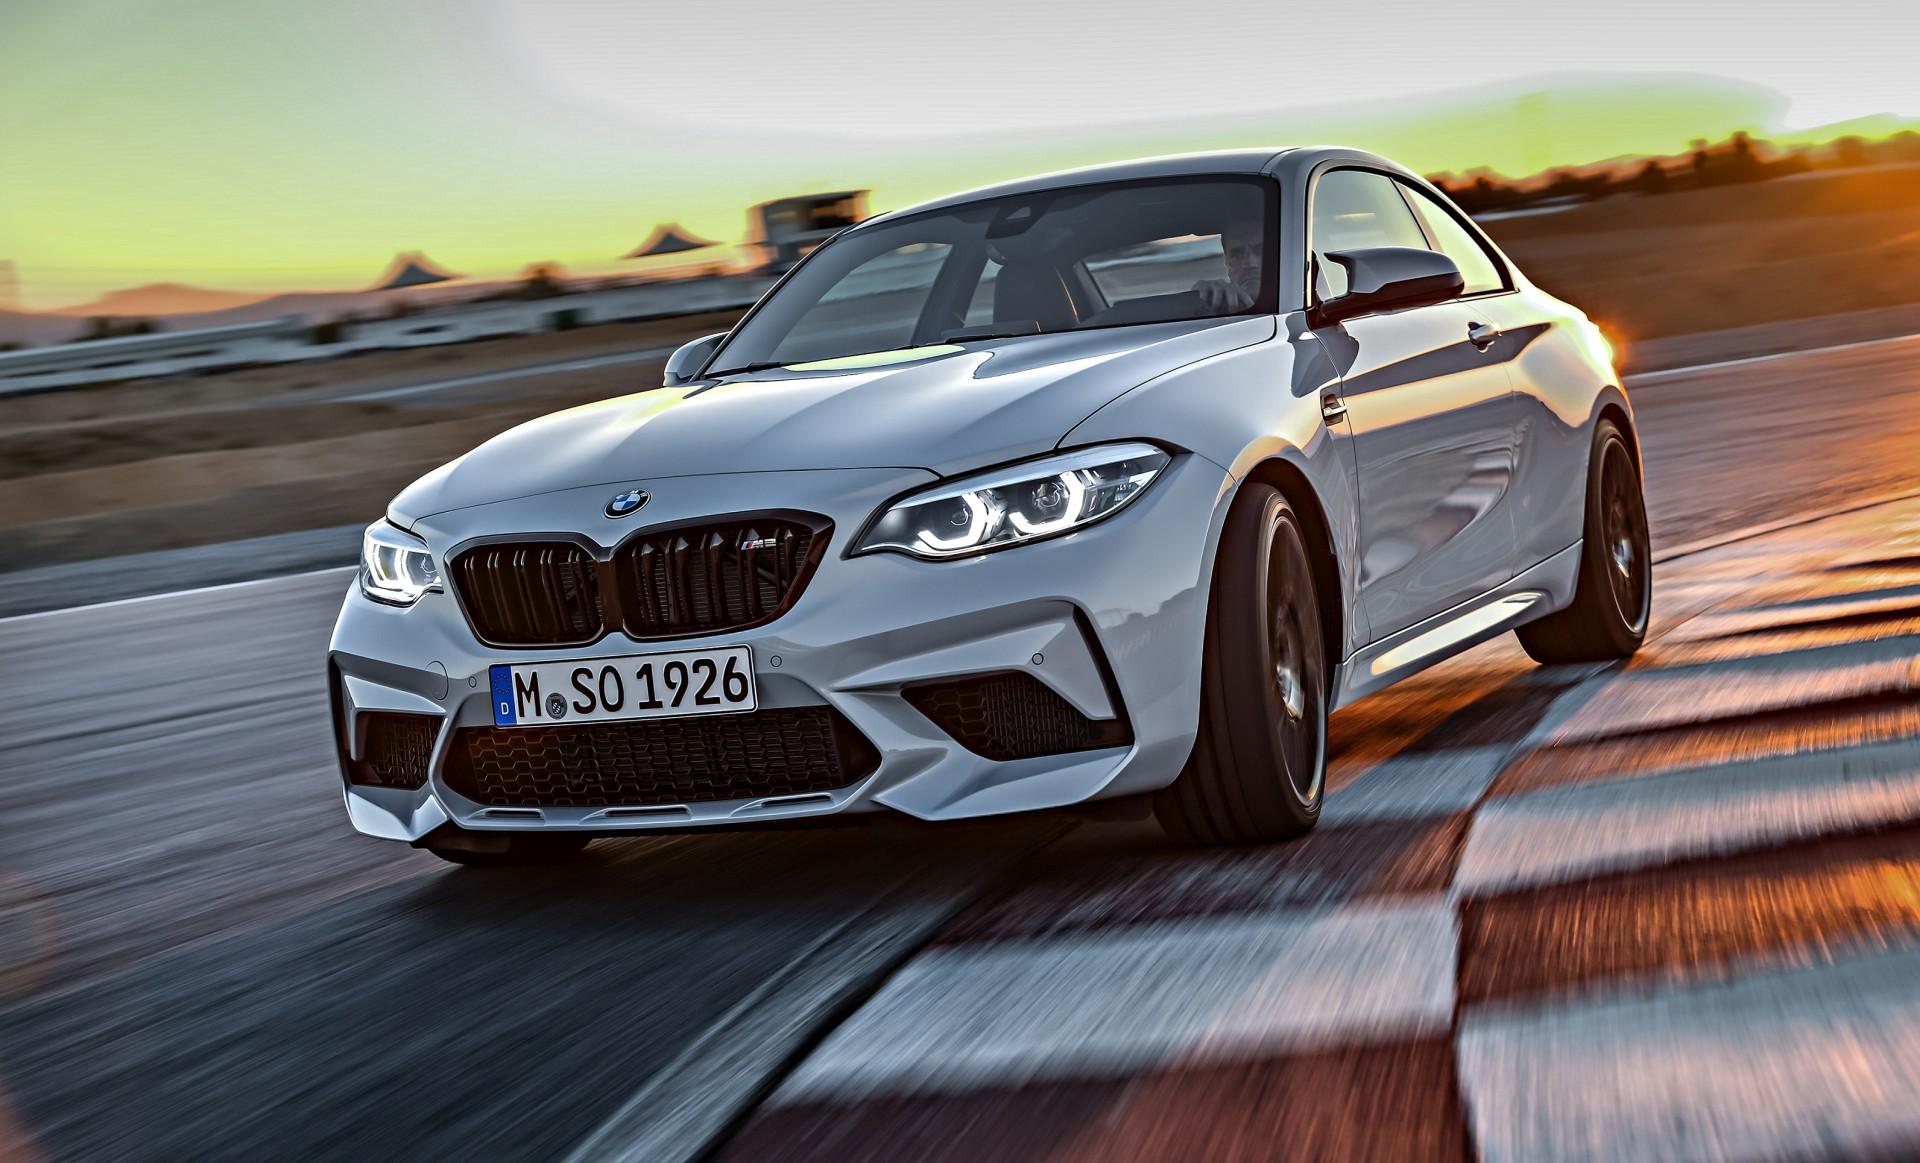 準備好您的新台幣衝吧!全新BMW M2 Competition以388萬定價正式展開預售